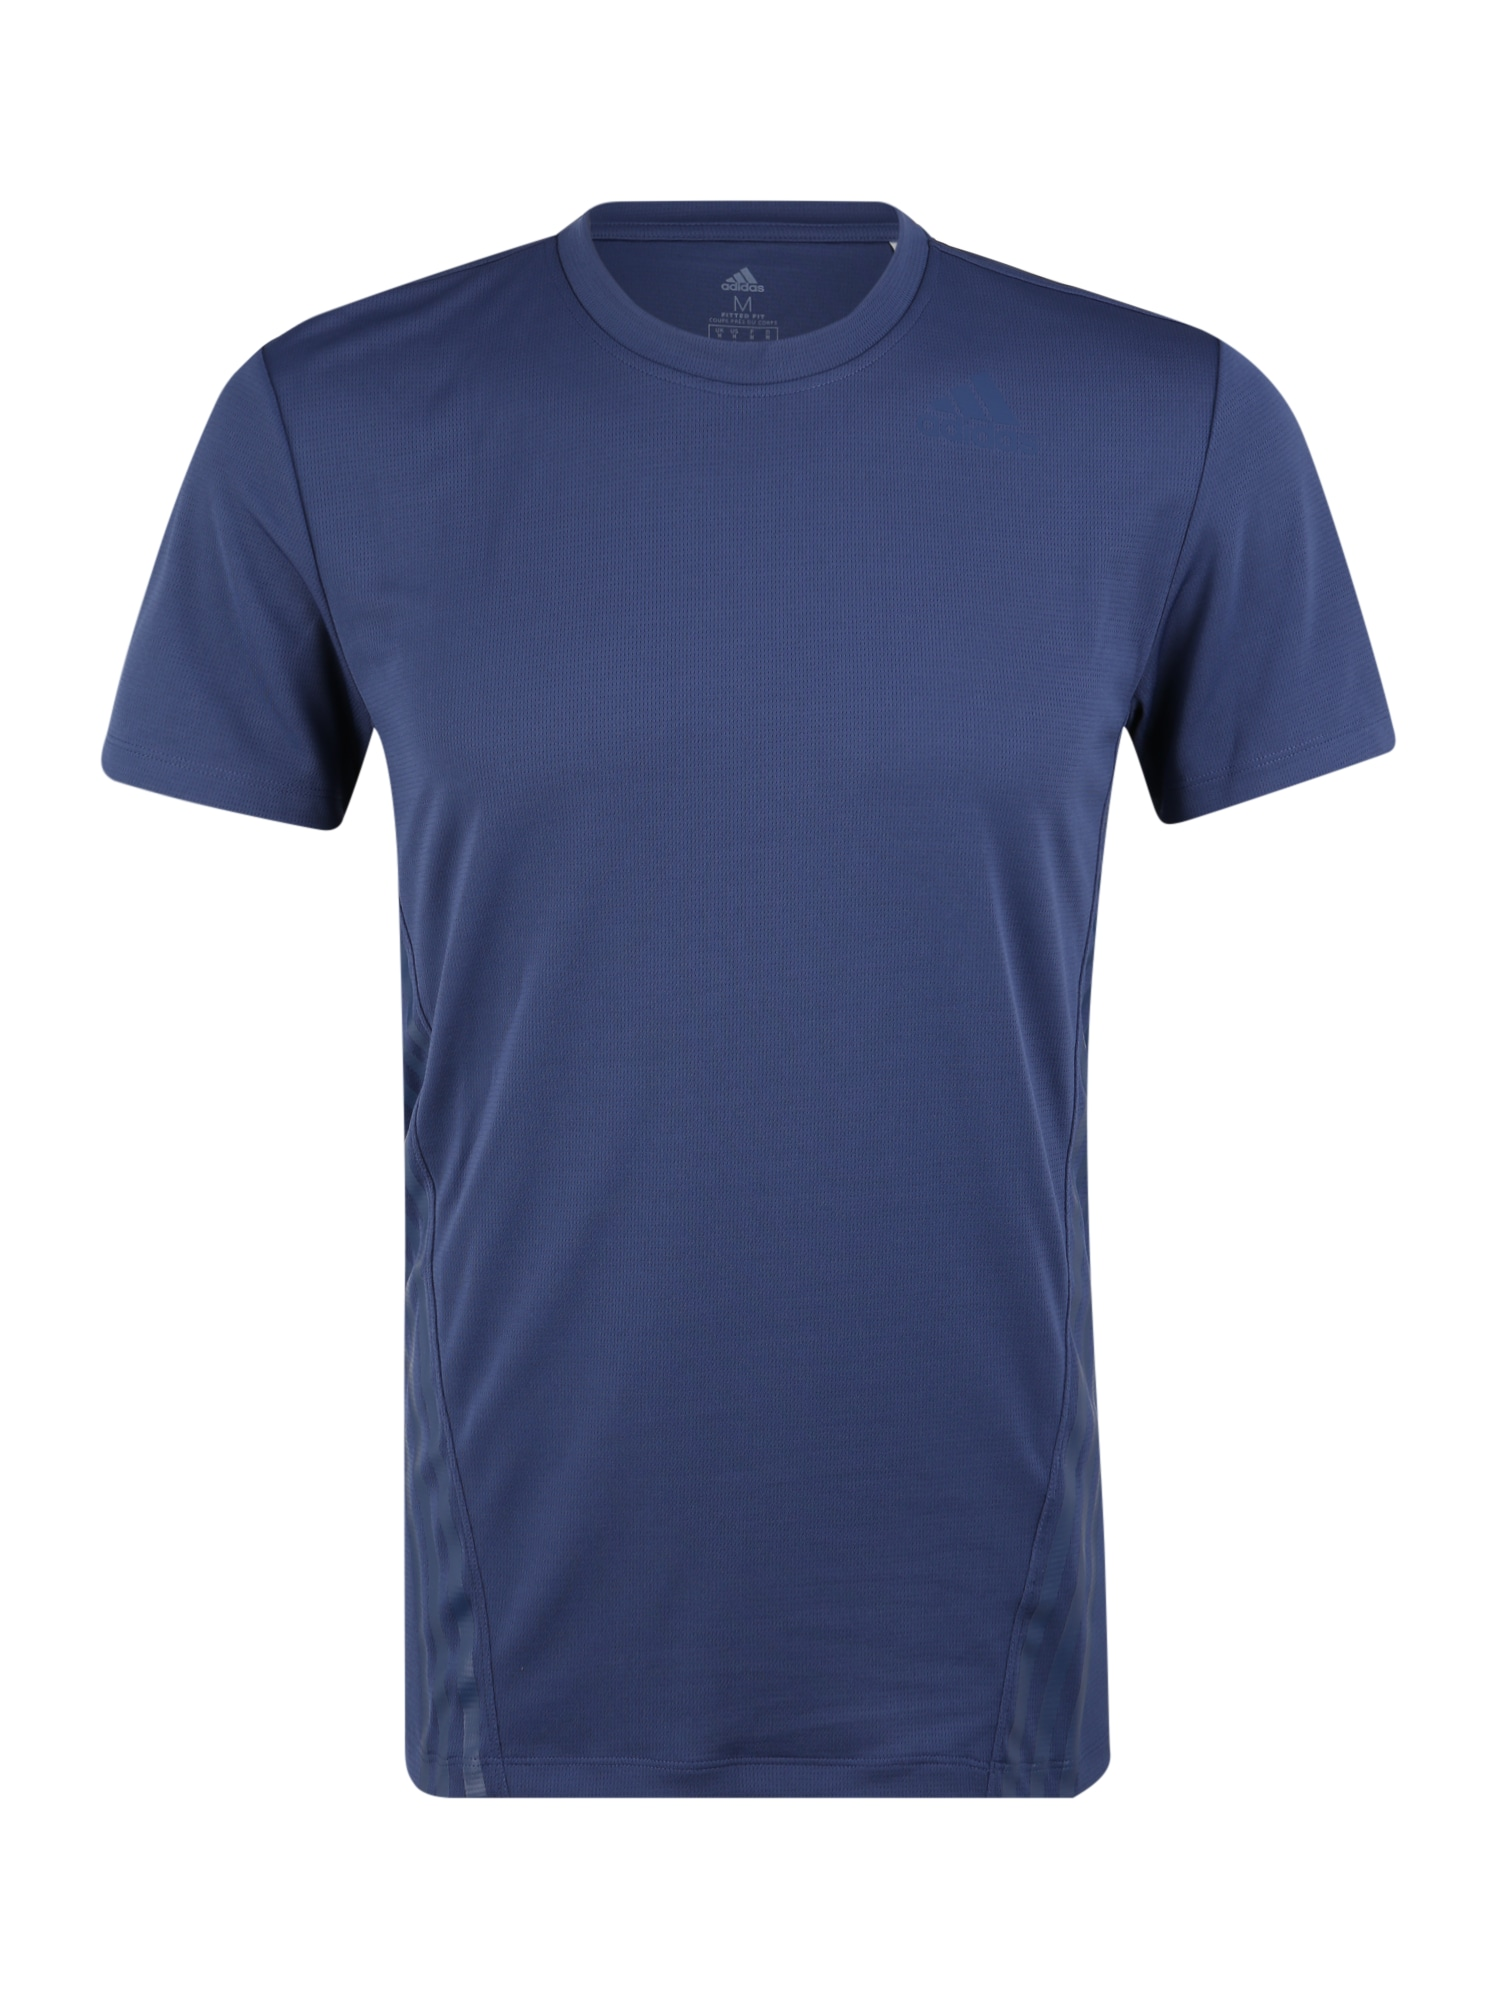 ADIDAS PERFORMANCE Sportiniai marškinėliai 'AERO 3S TEE' mėlyna